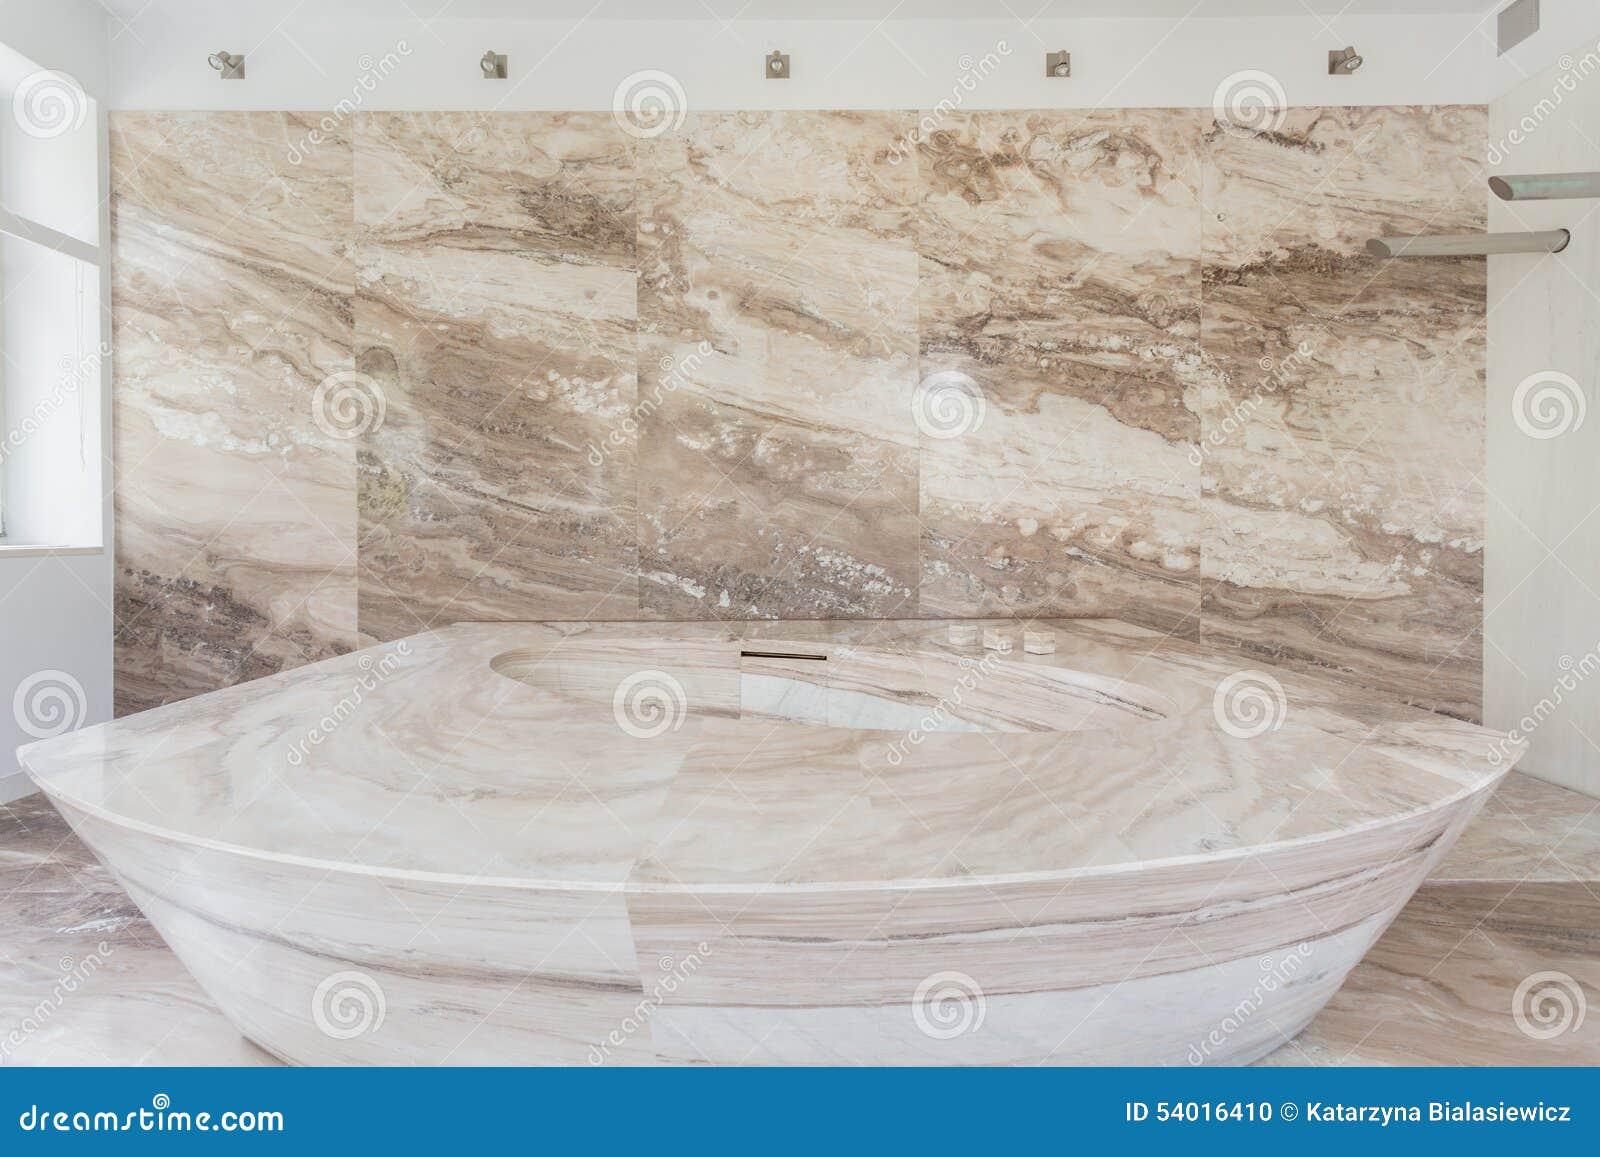 baignoire de marbre dans une salle de bains photo stock - image du